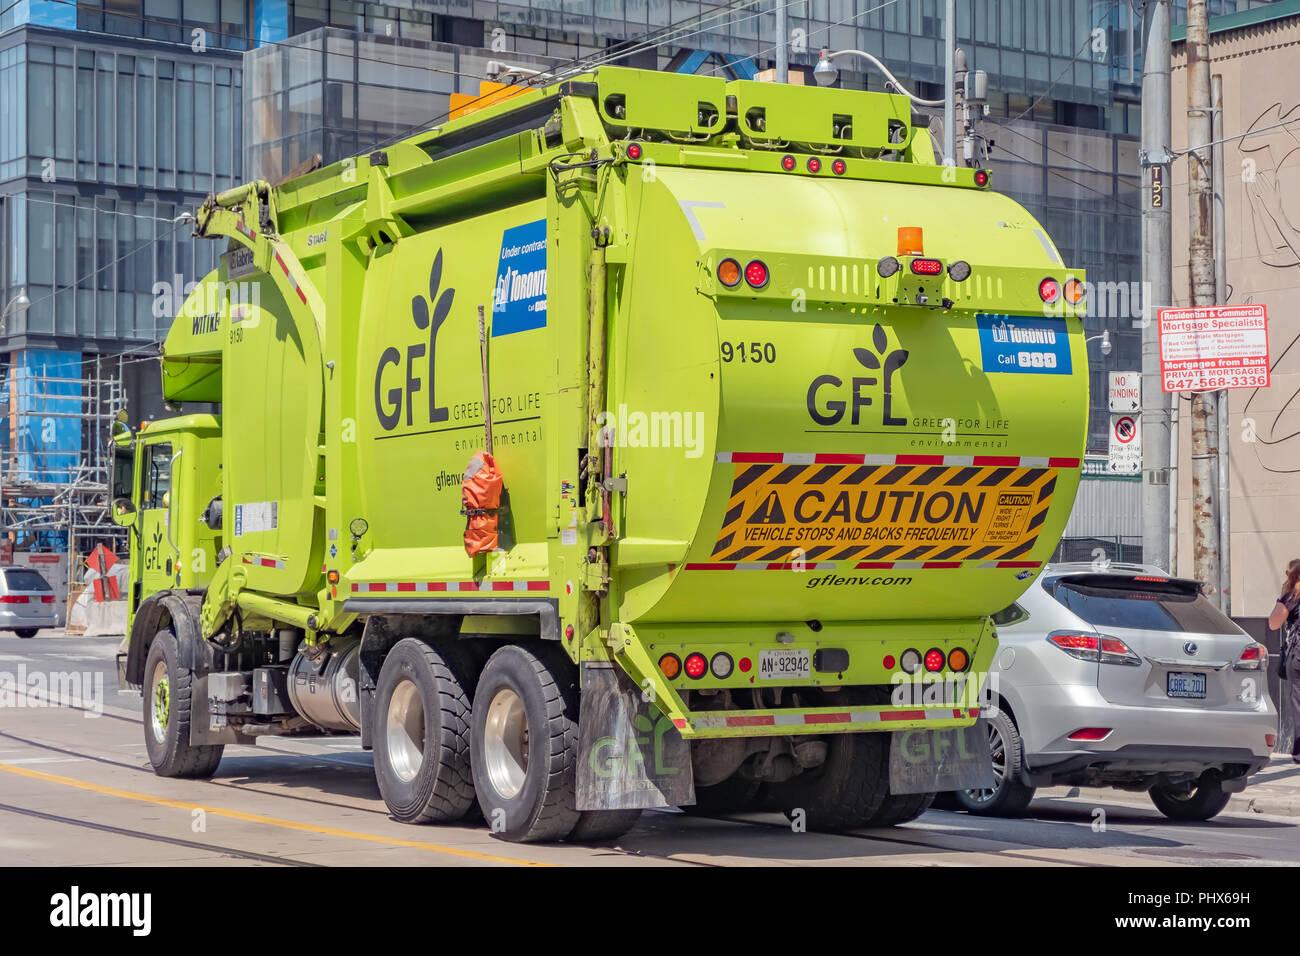 Un livre vert gestion des déchets organiques la conduite de camions au centre-ville de Toronto (Ontario) Canada. Photo Stock